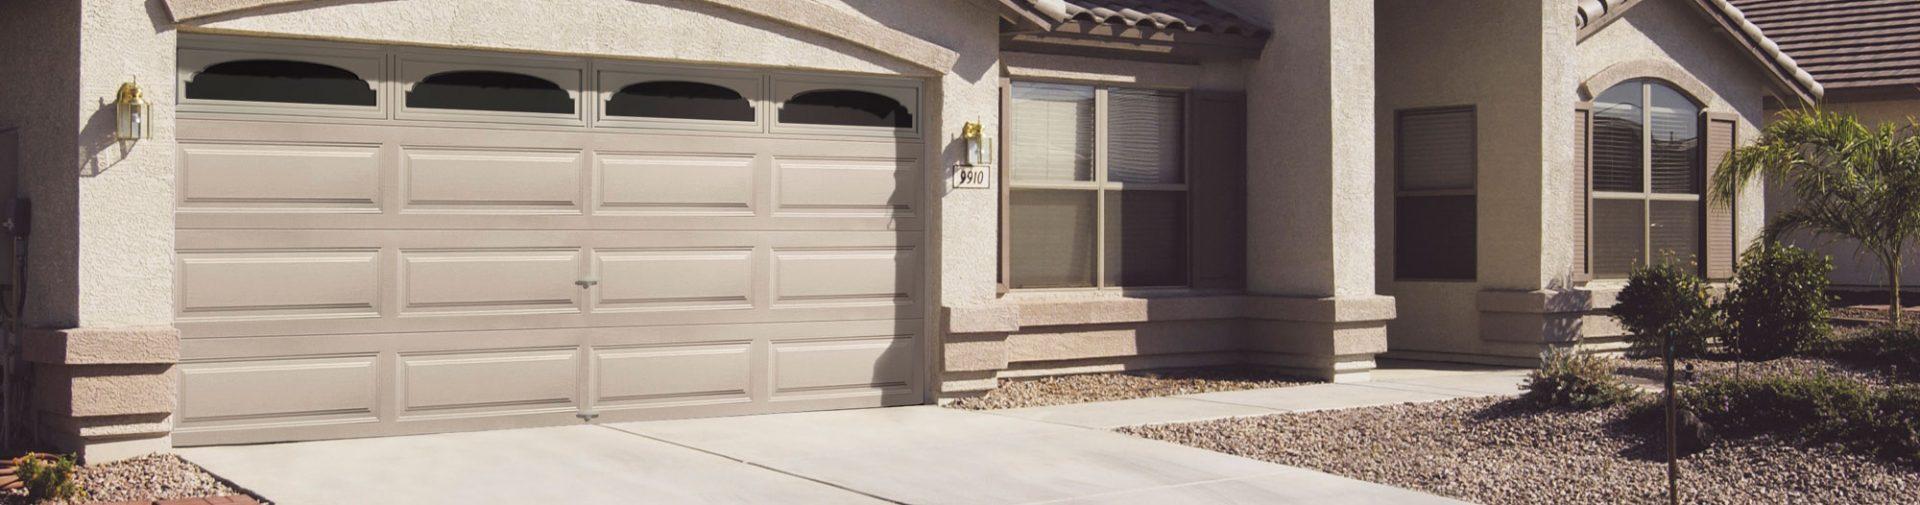 Custom garage doors clopay dealer for Clopay hurricane garage doors